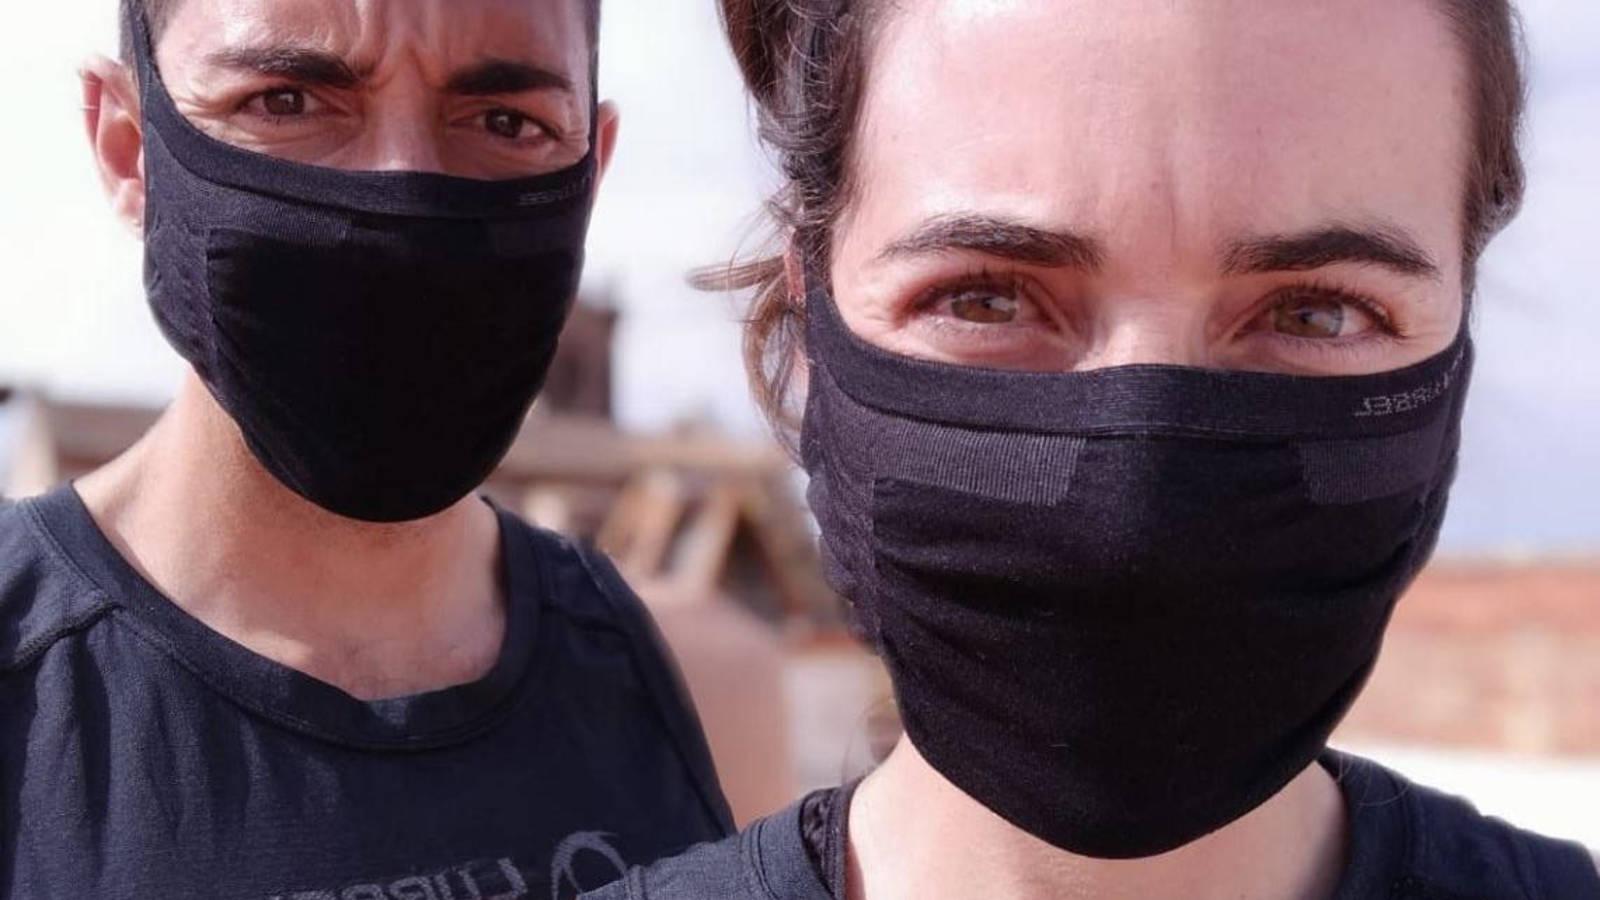 mascarillas-quirurgicas-deportivas-la-idea-de-estos-valencianos-para-la-nueva-normalidad